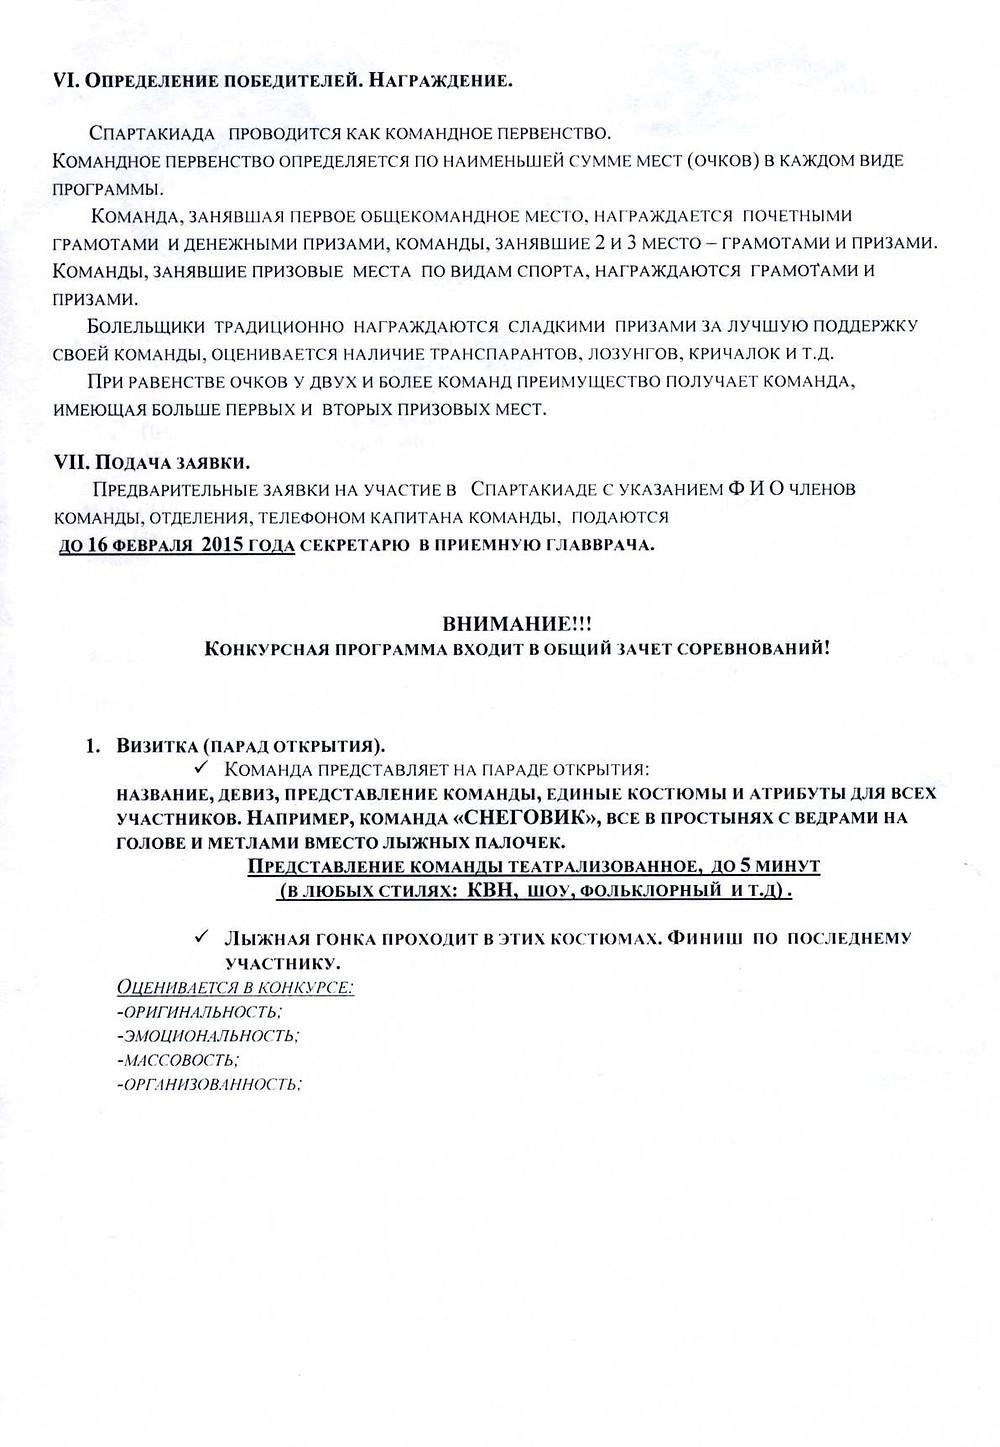 спартакиада2 - 0002.jpg